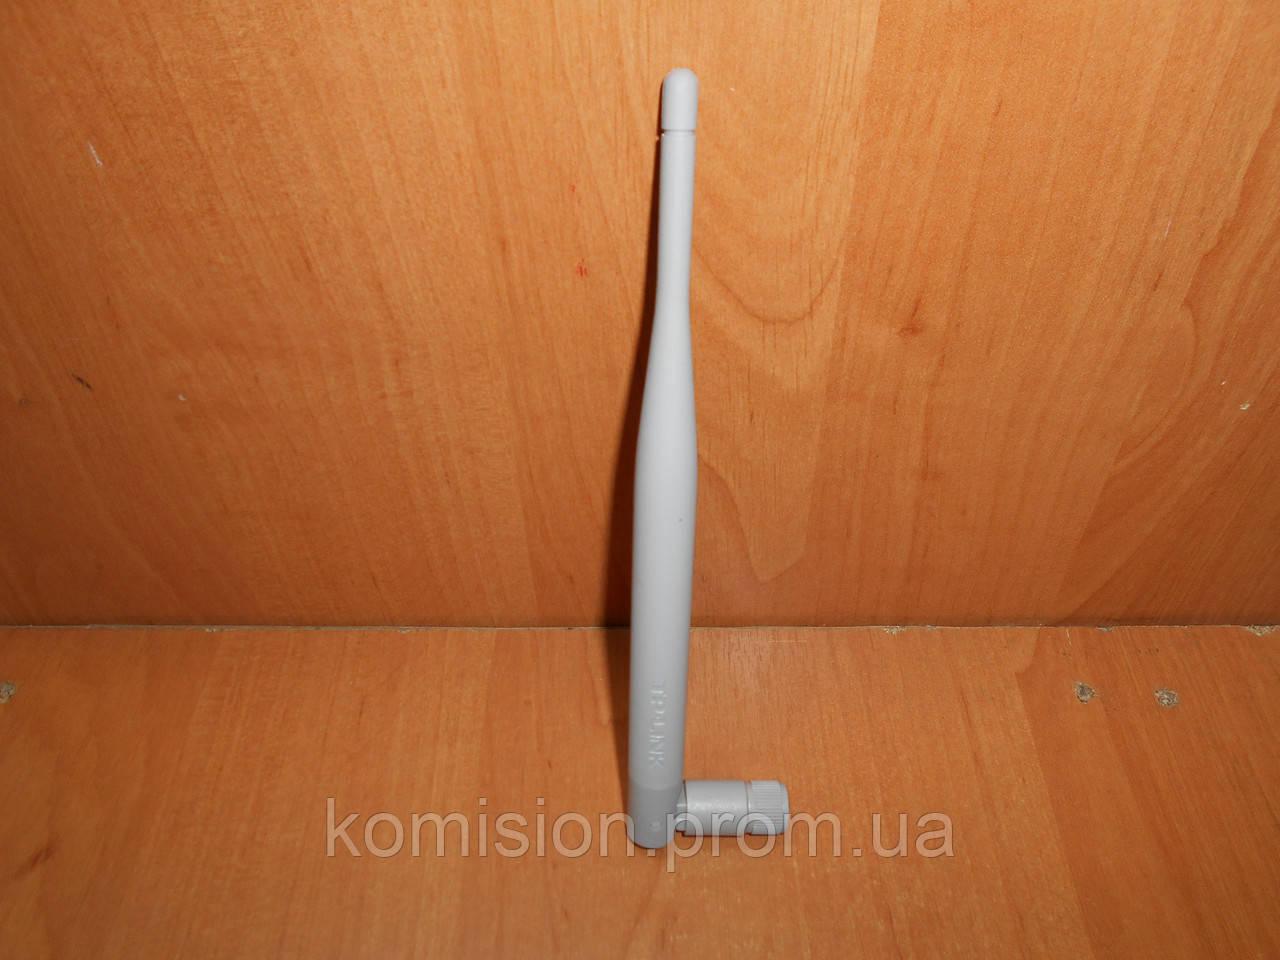 Антенна  для роутера WiFi